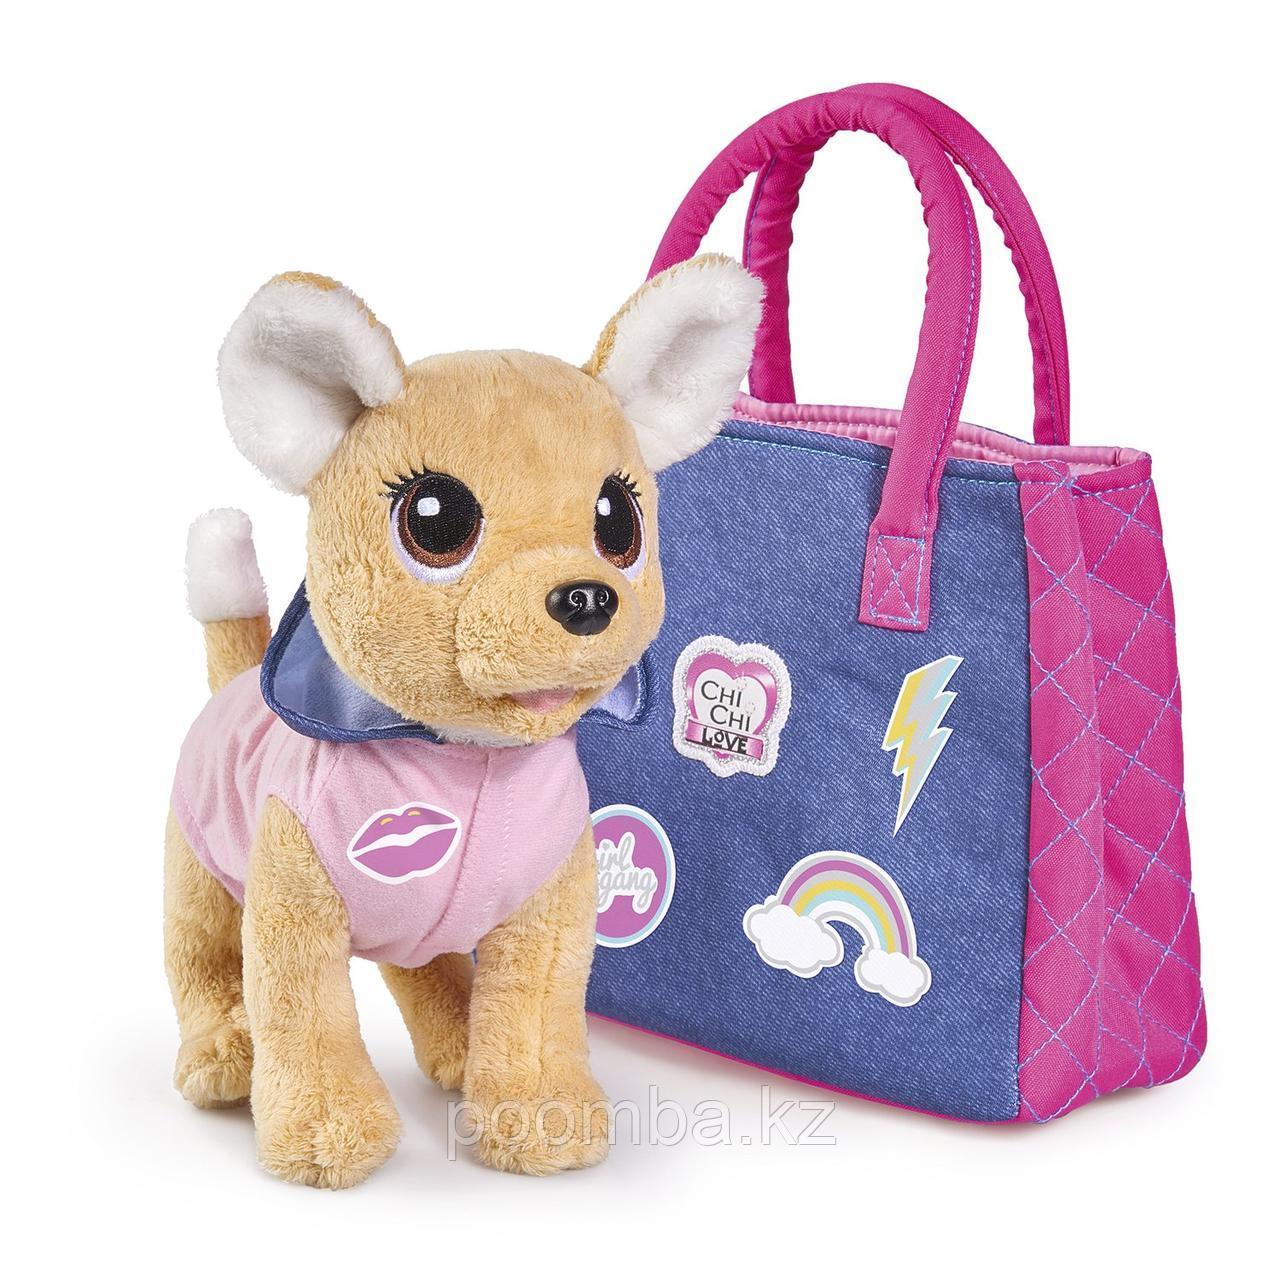 Плюшевая собачкa Chi chi love Городская мода с сумочкой и стикерами Simba